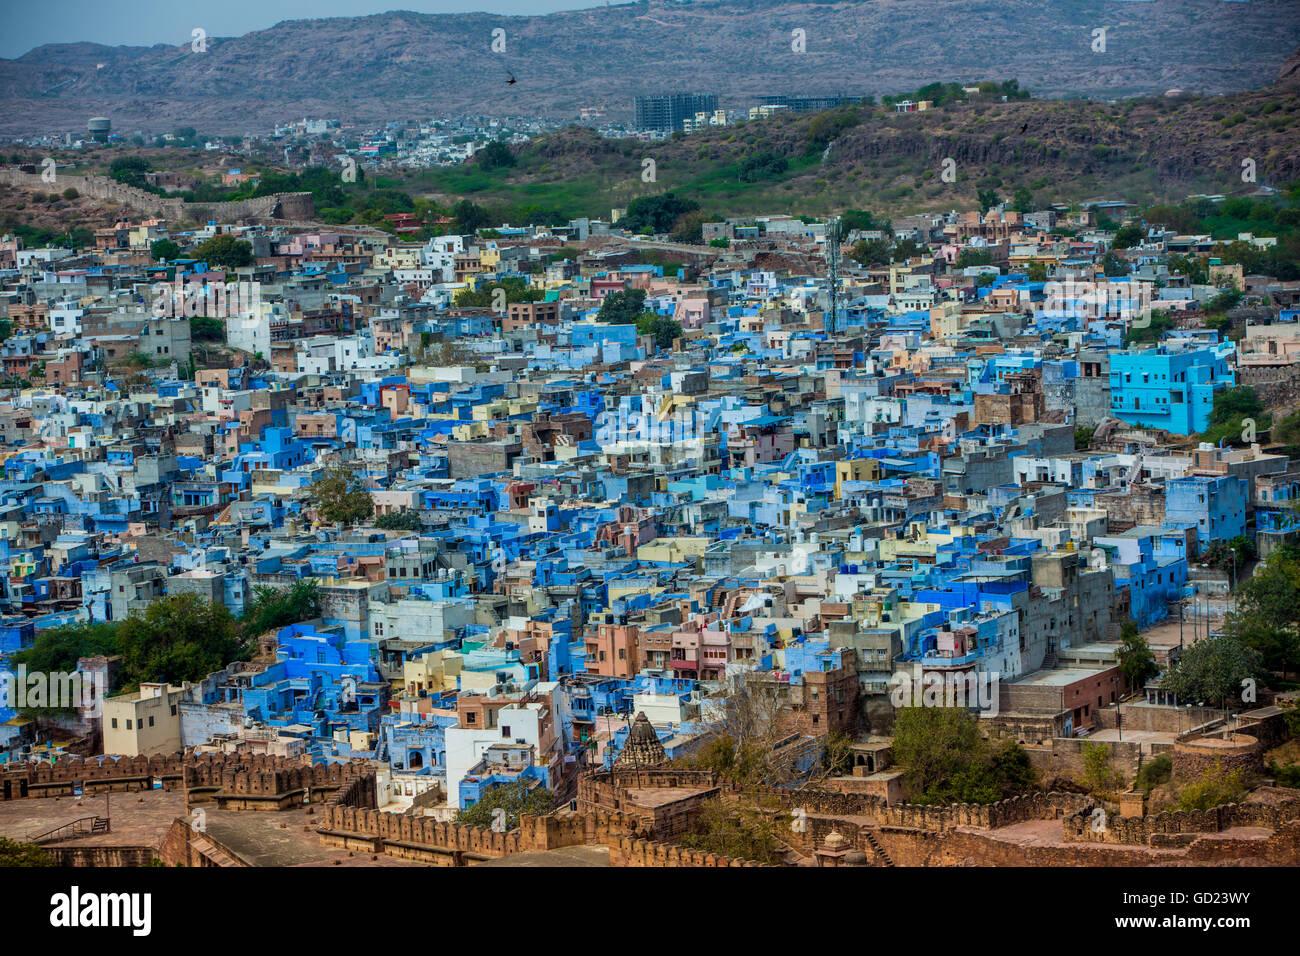 La vista desde la fortaleza de Mehrangarh de los tejados azules en Jodhpur, la ciudad azul, Rajastán, India, Asia Foto de stock